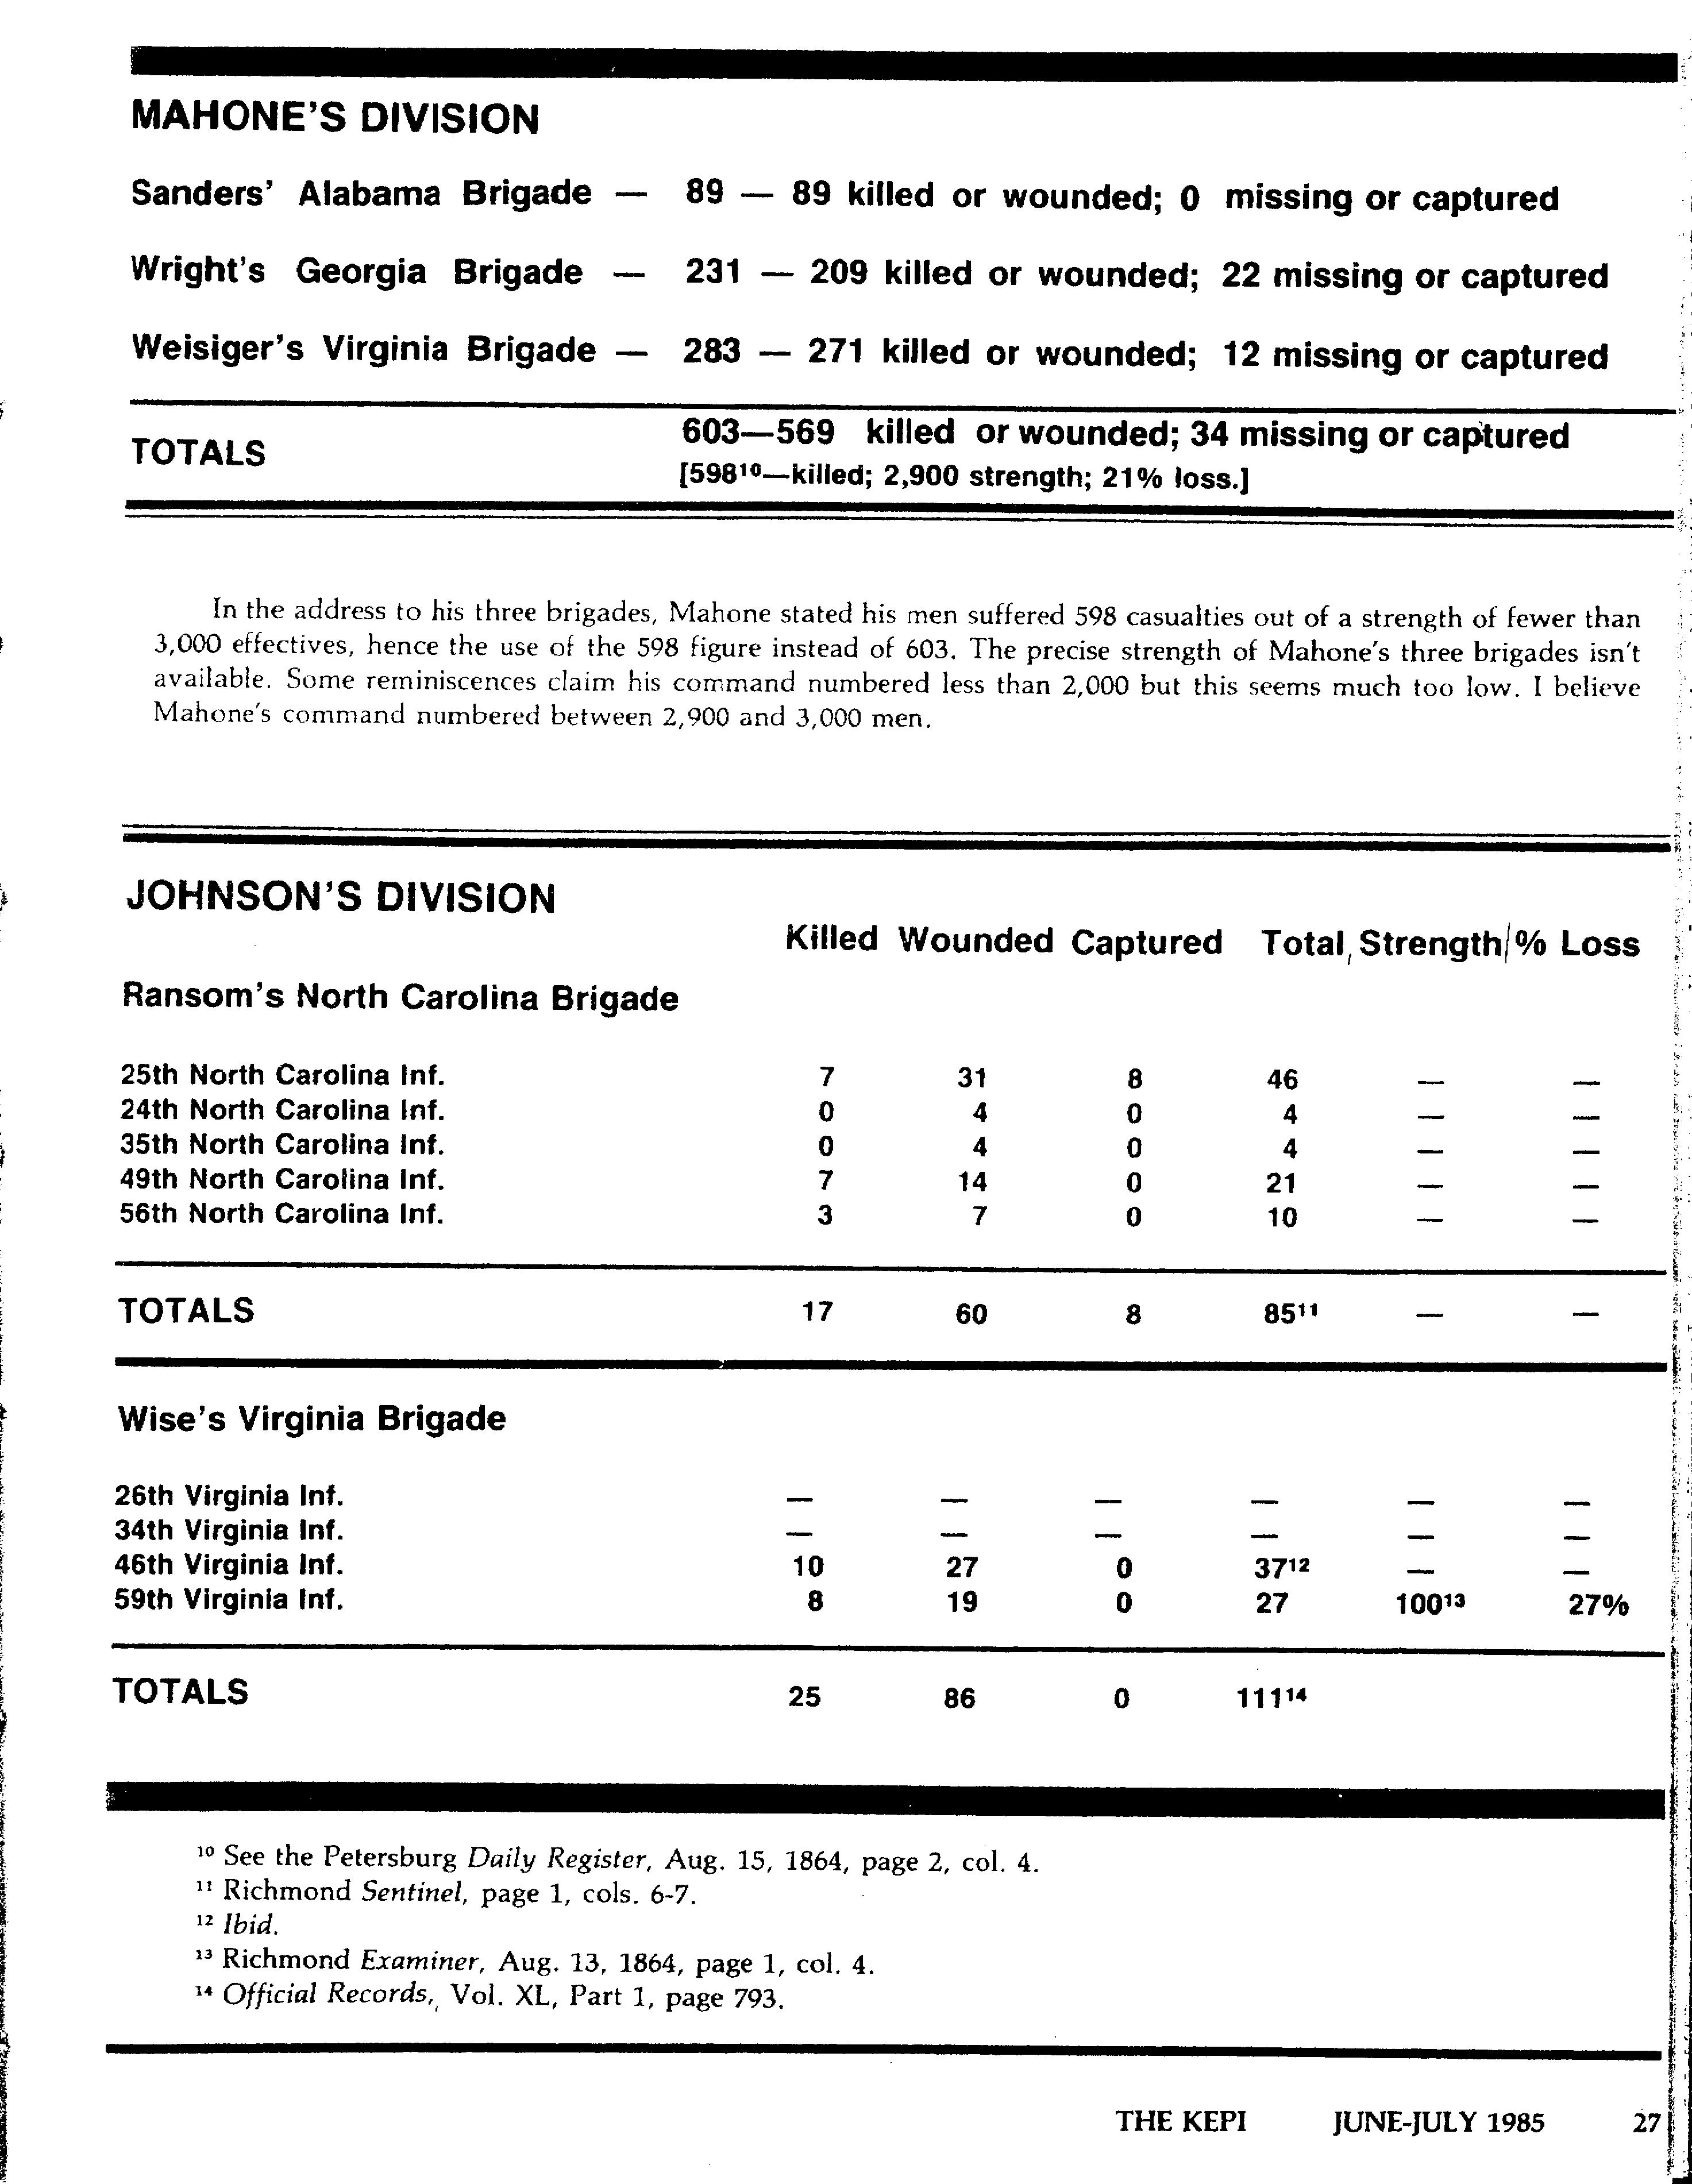 KepiV3N3JunJul1985 CraterConfCas Pg27